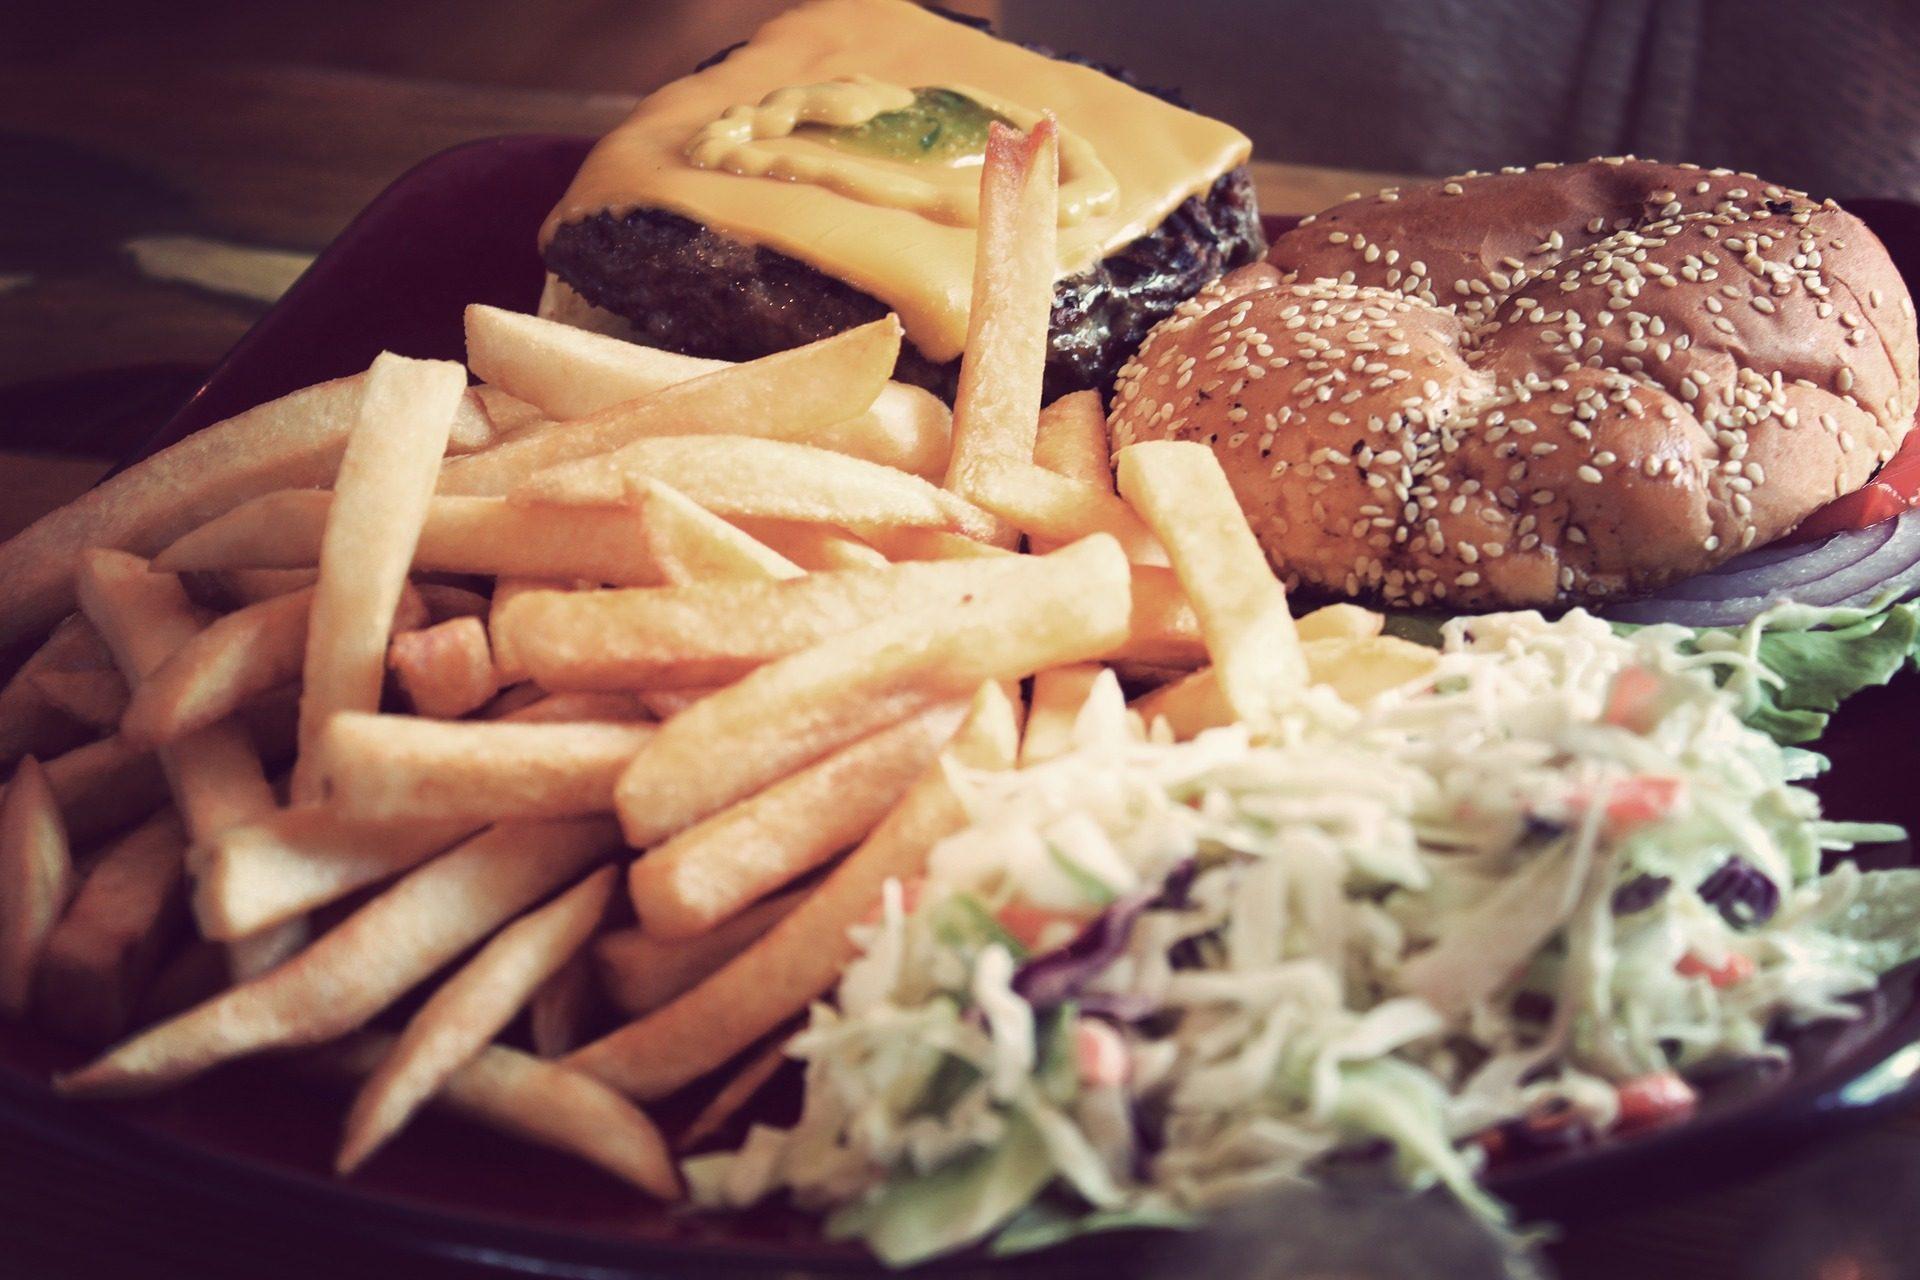 हैमबर्गर, आलू, पनीर, सलाद, रोटी, प्याज - HD वॉलपेपर - प्रोफेसर-falken.com